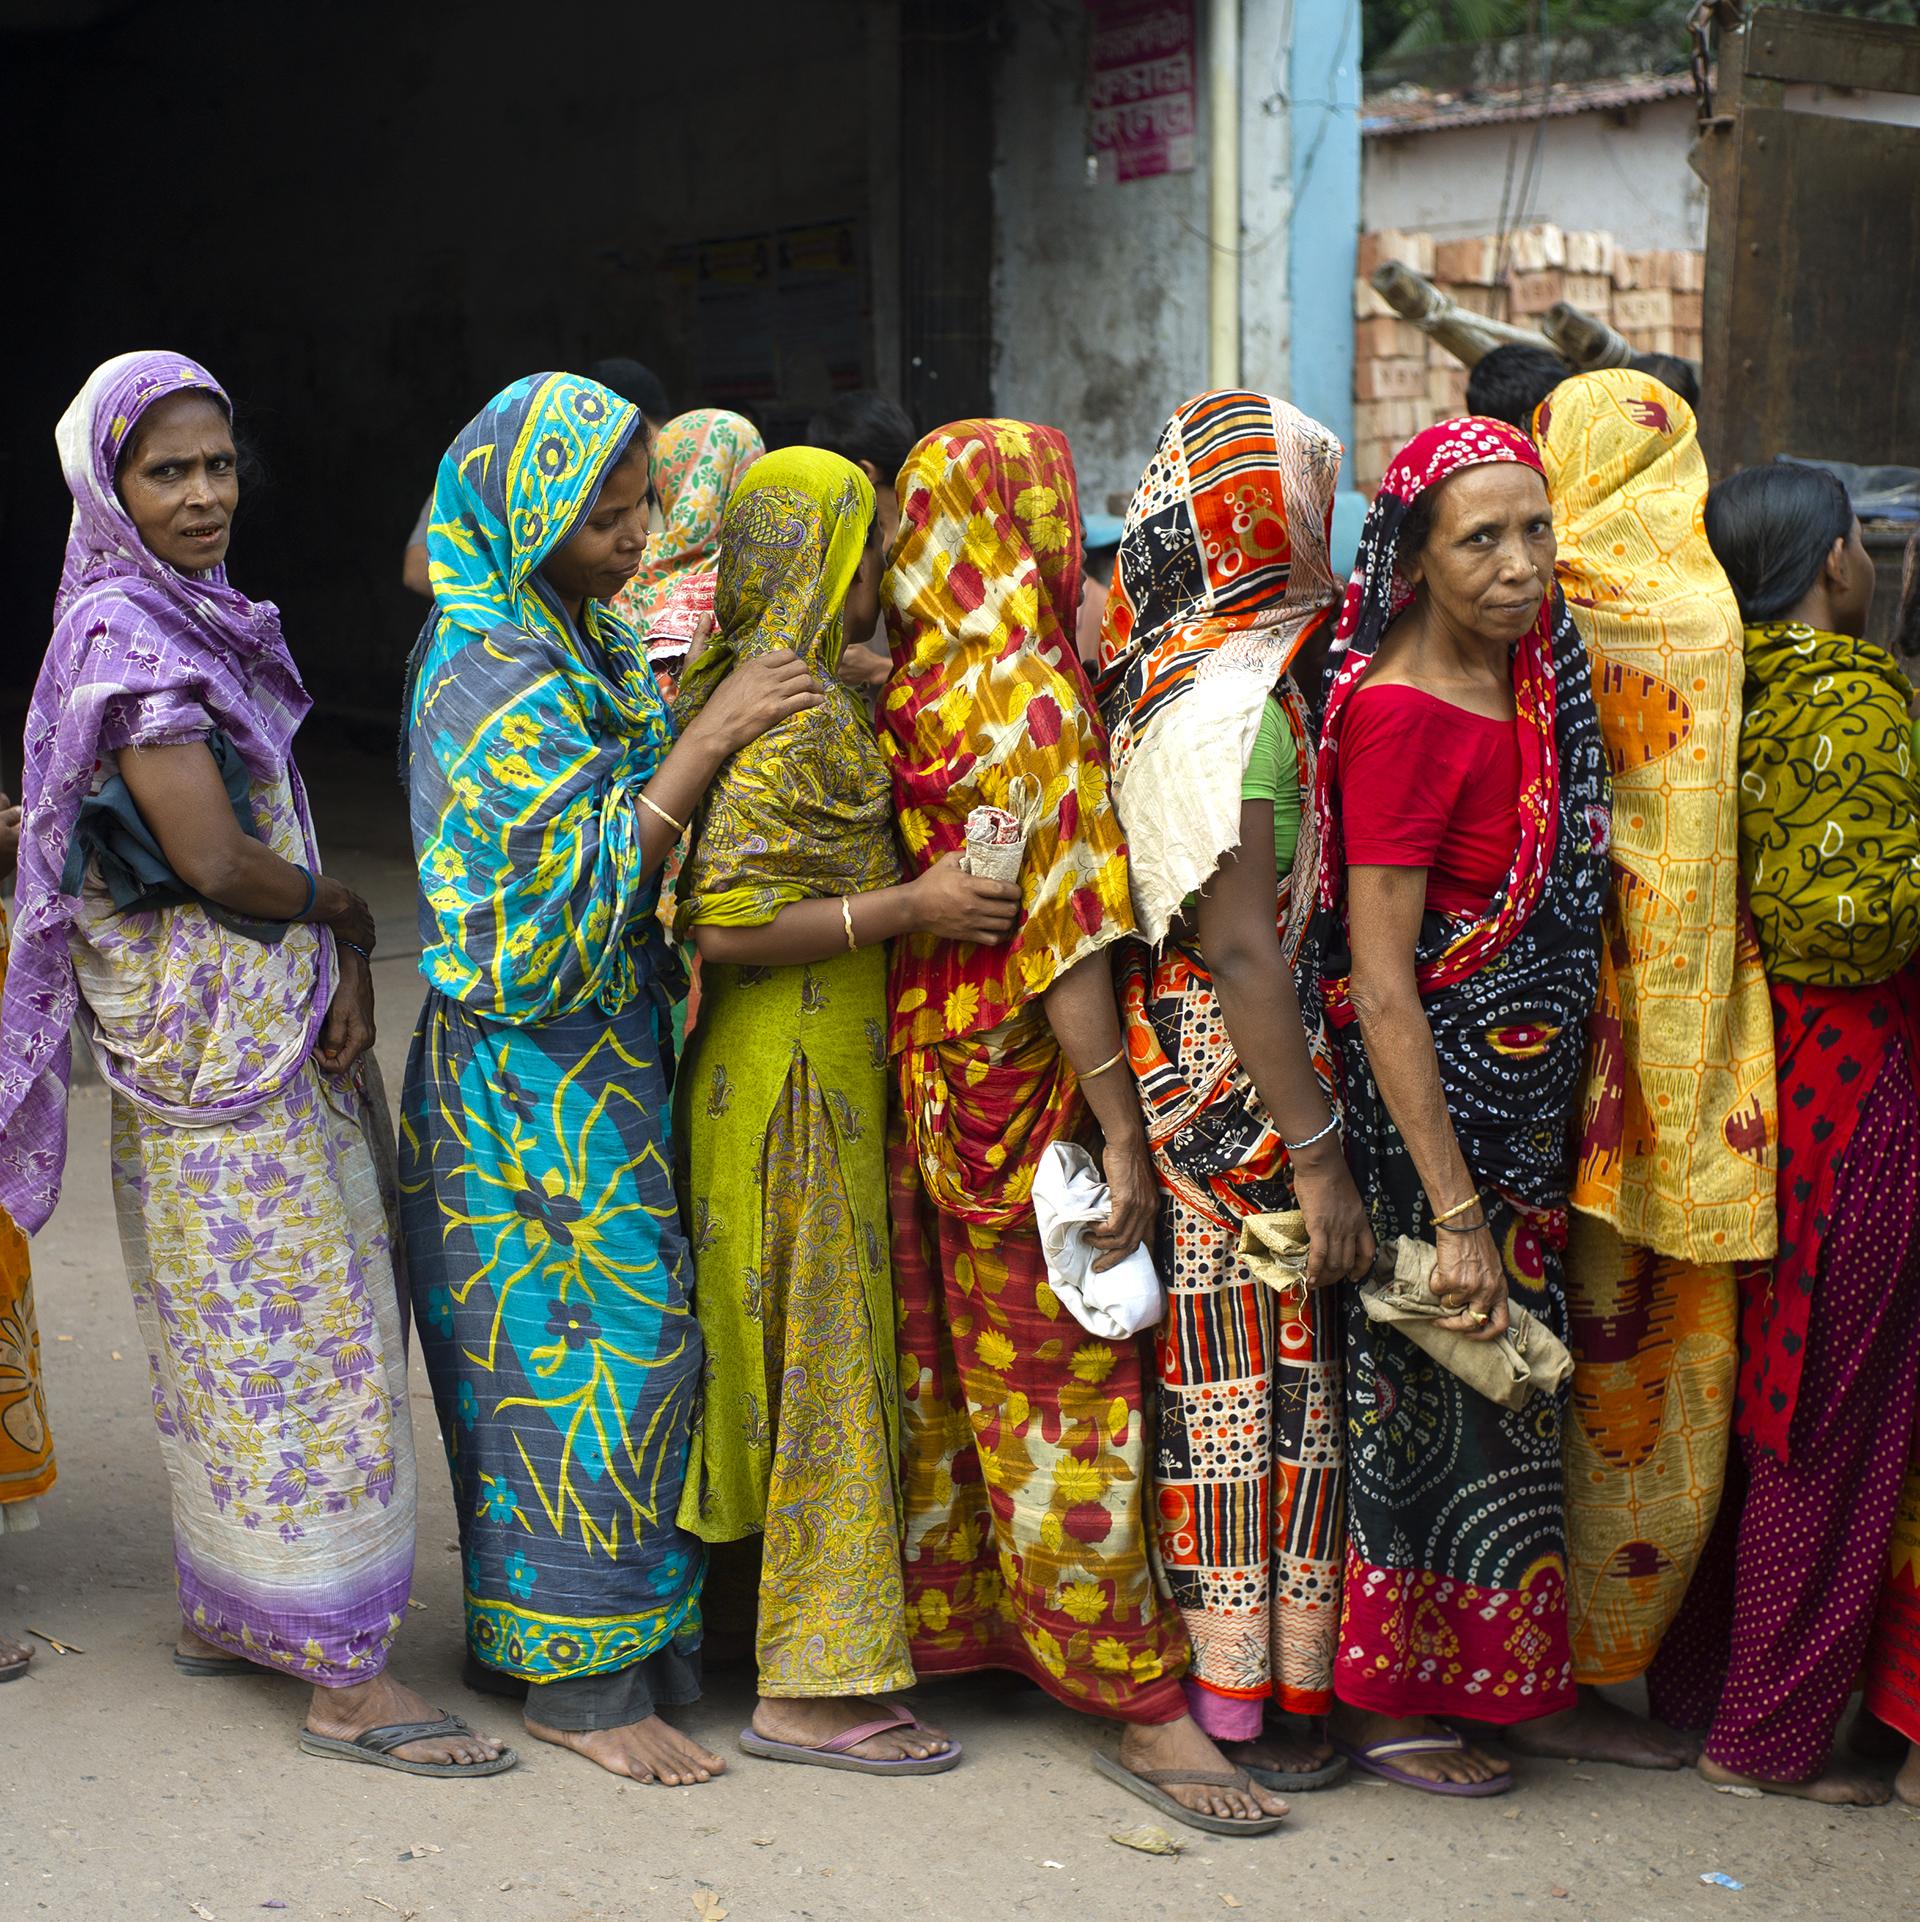 bangladesh-Dhaka-10-L-L1001099.jpg